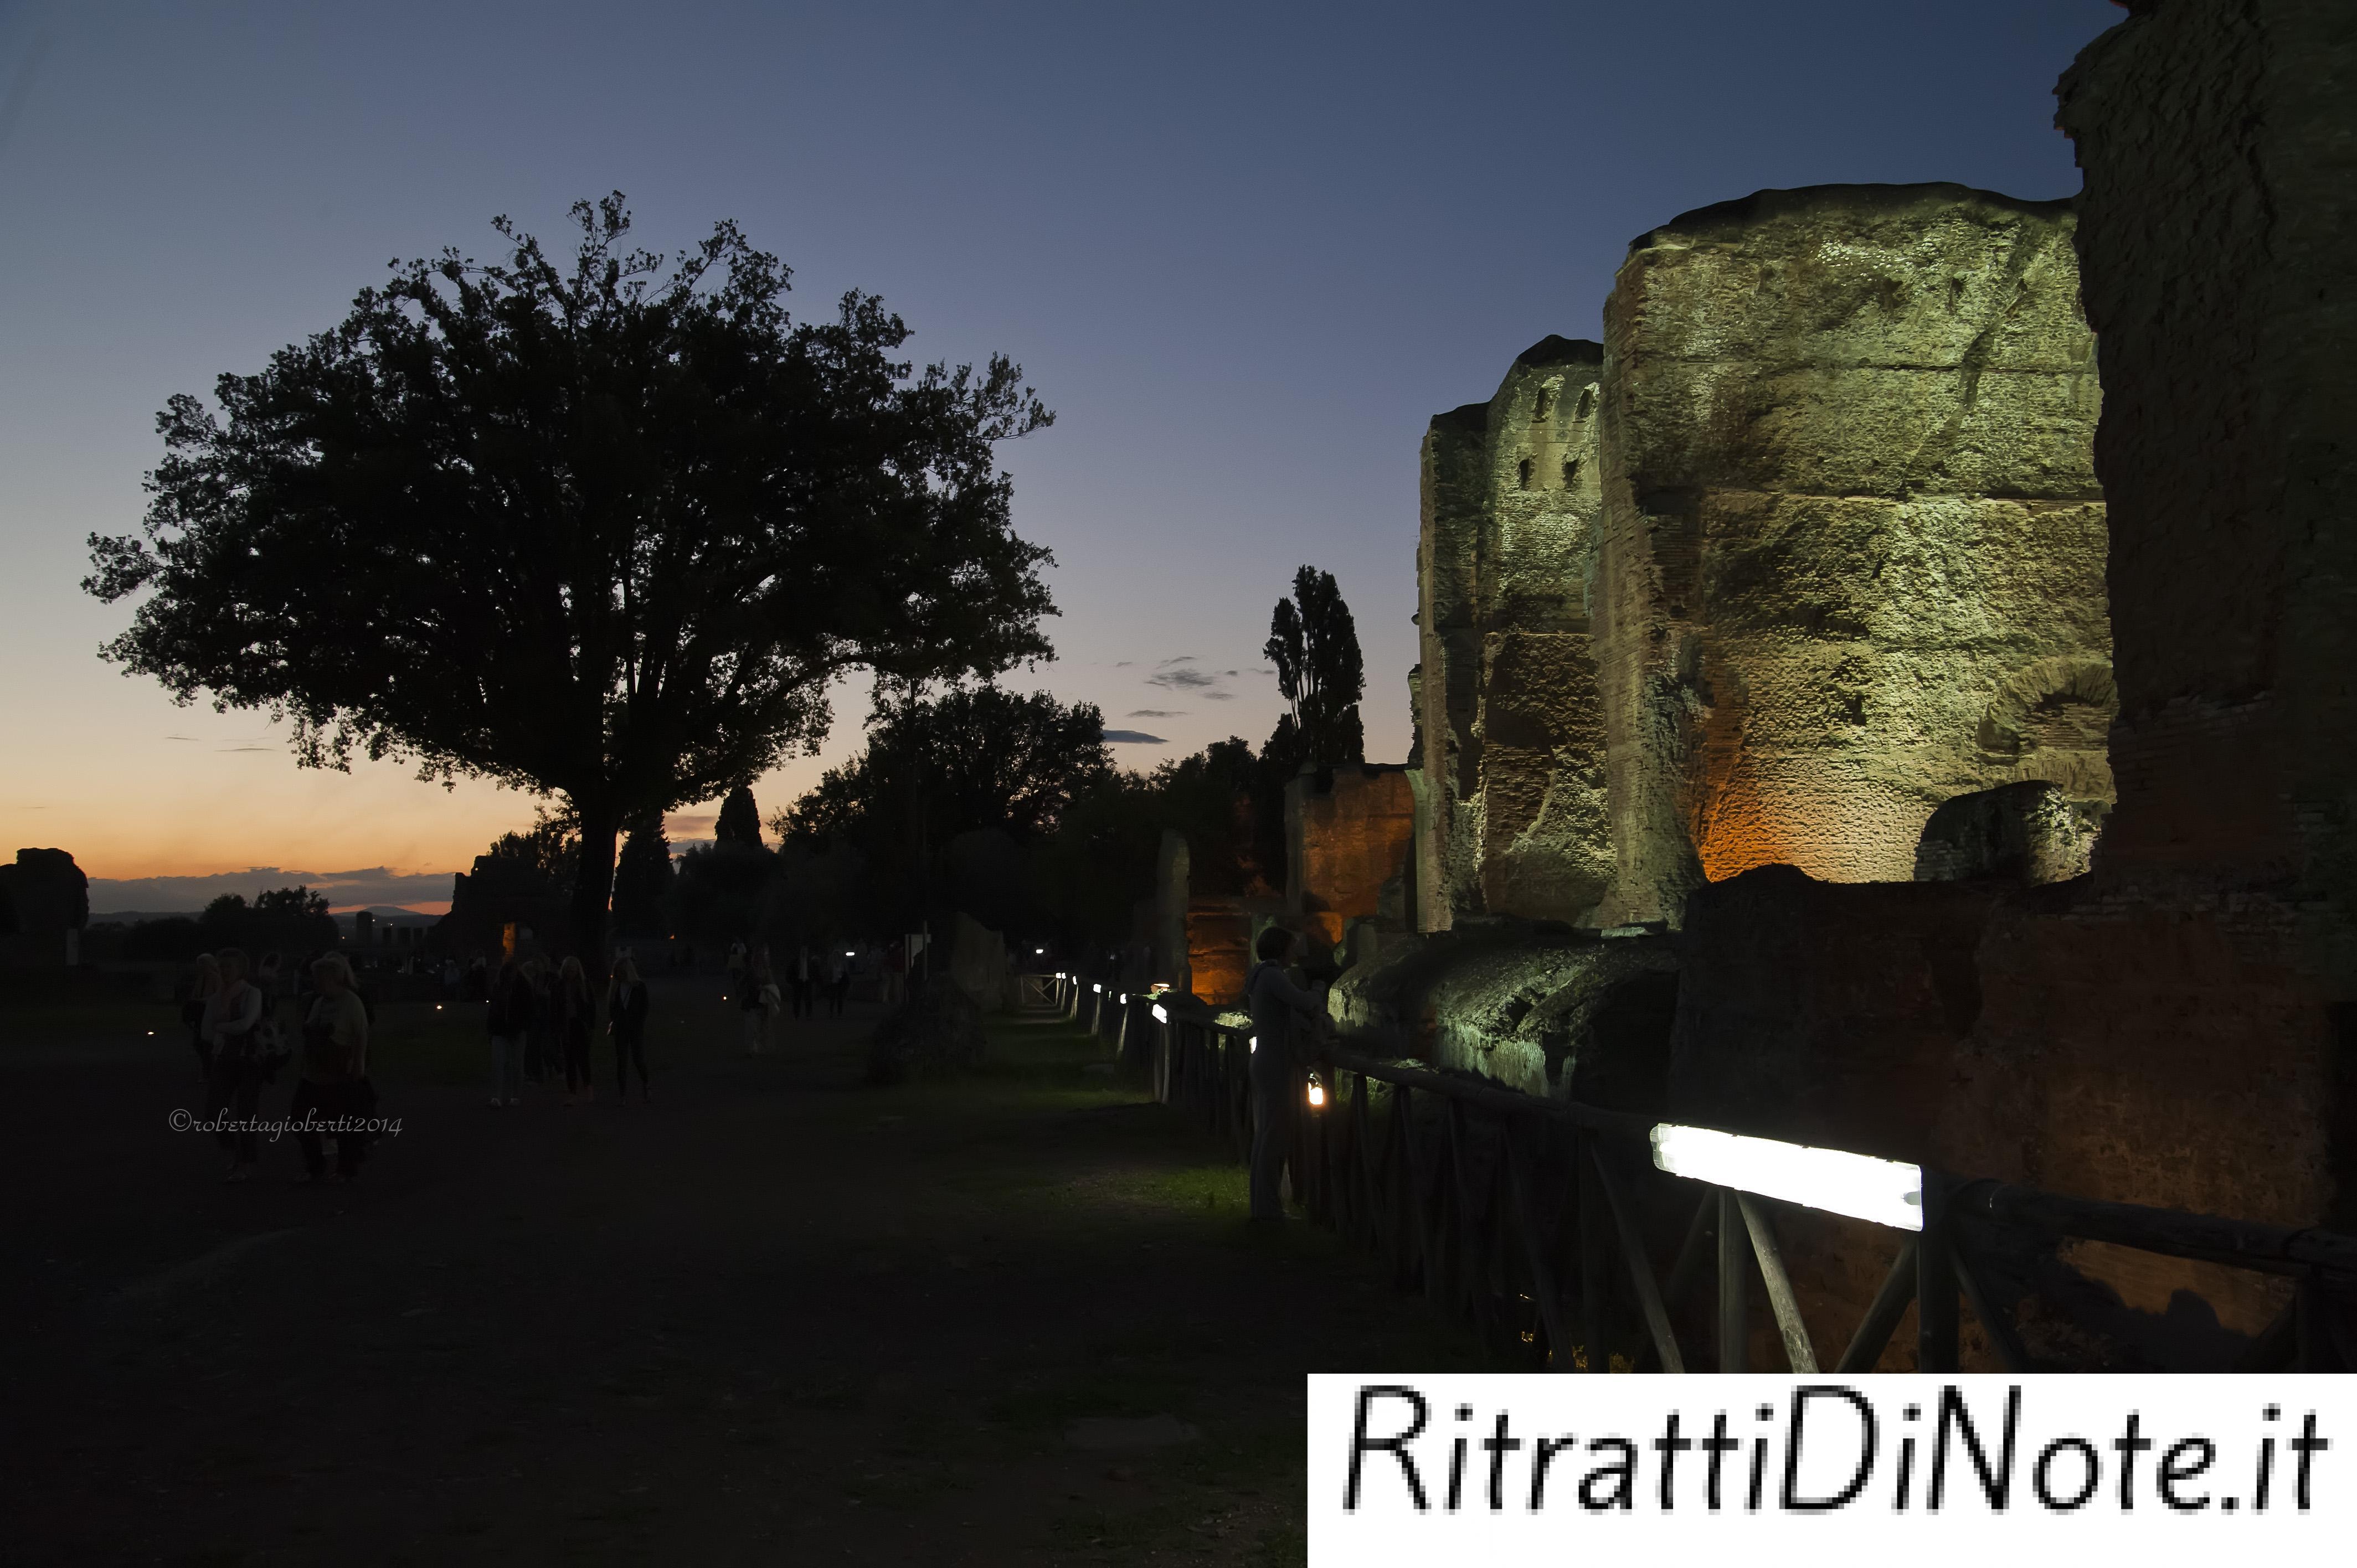 Festival Internazionale di Villa Adriana Ph Roberta Gioberti